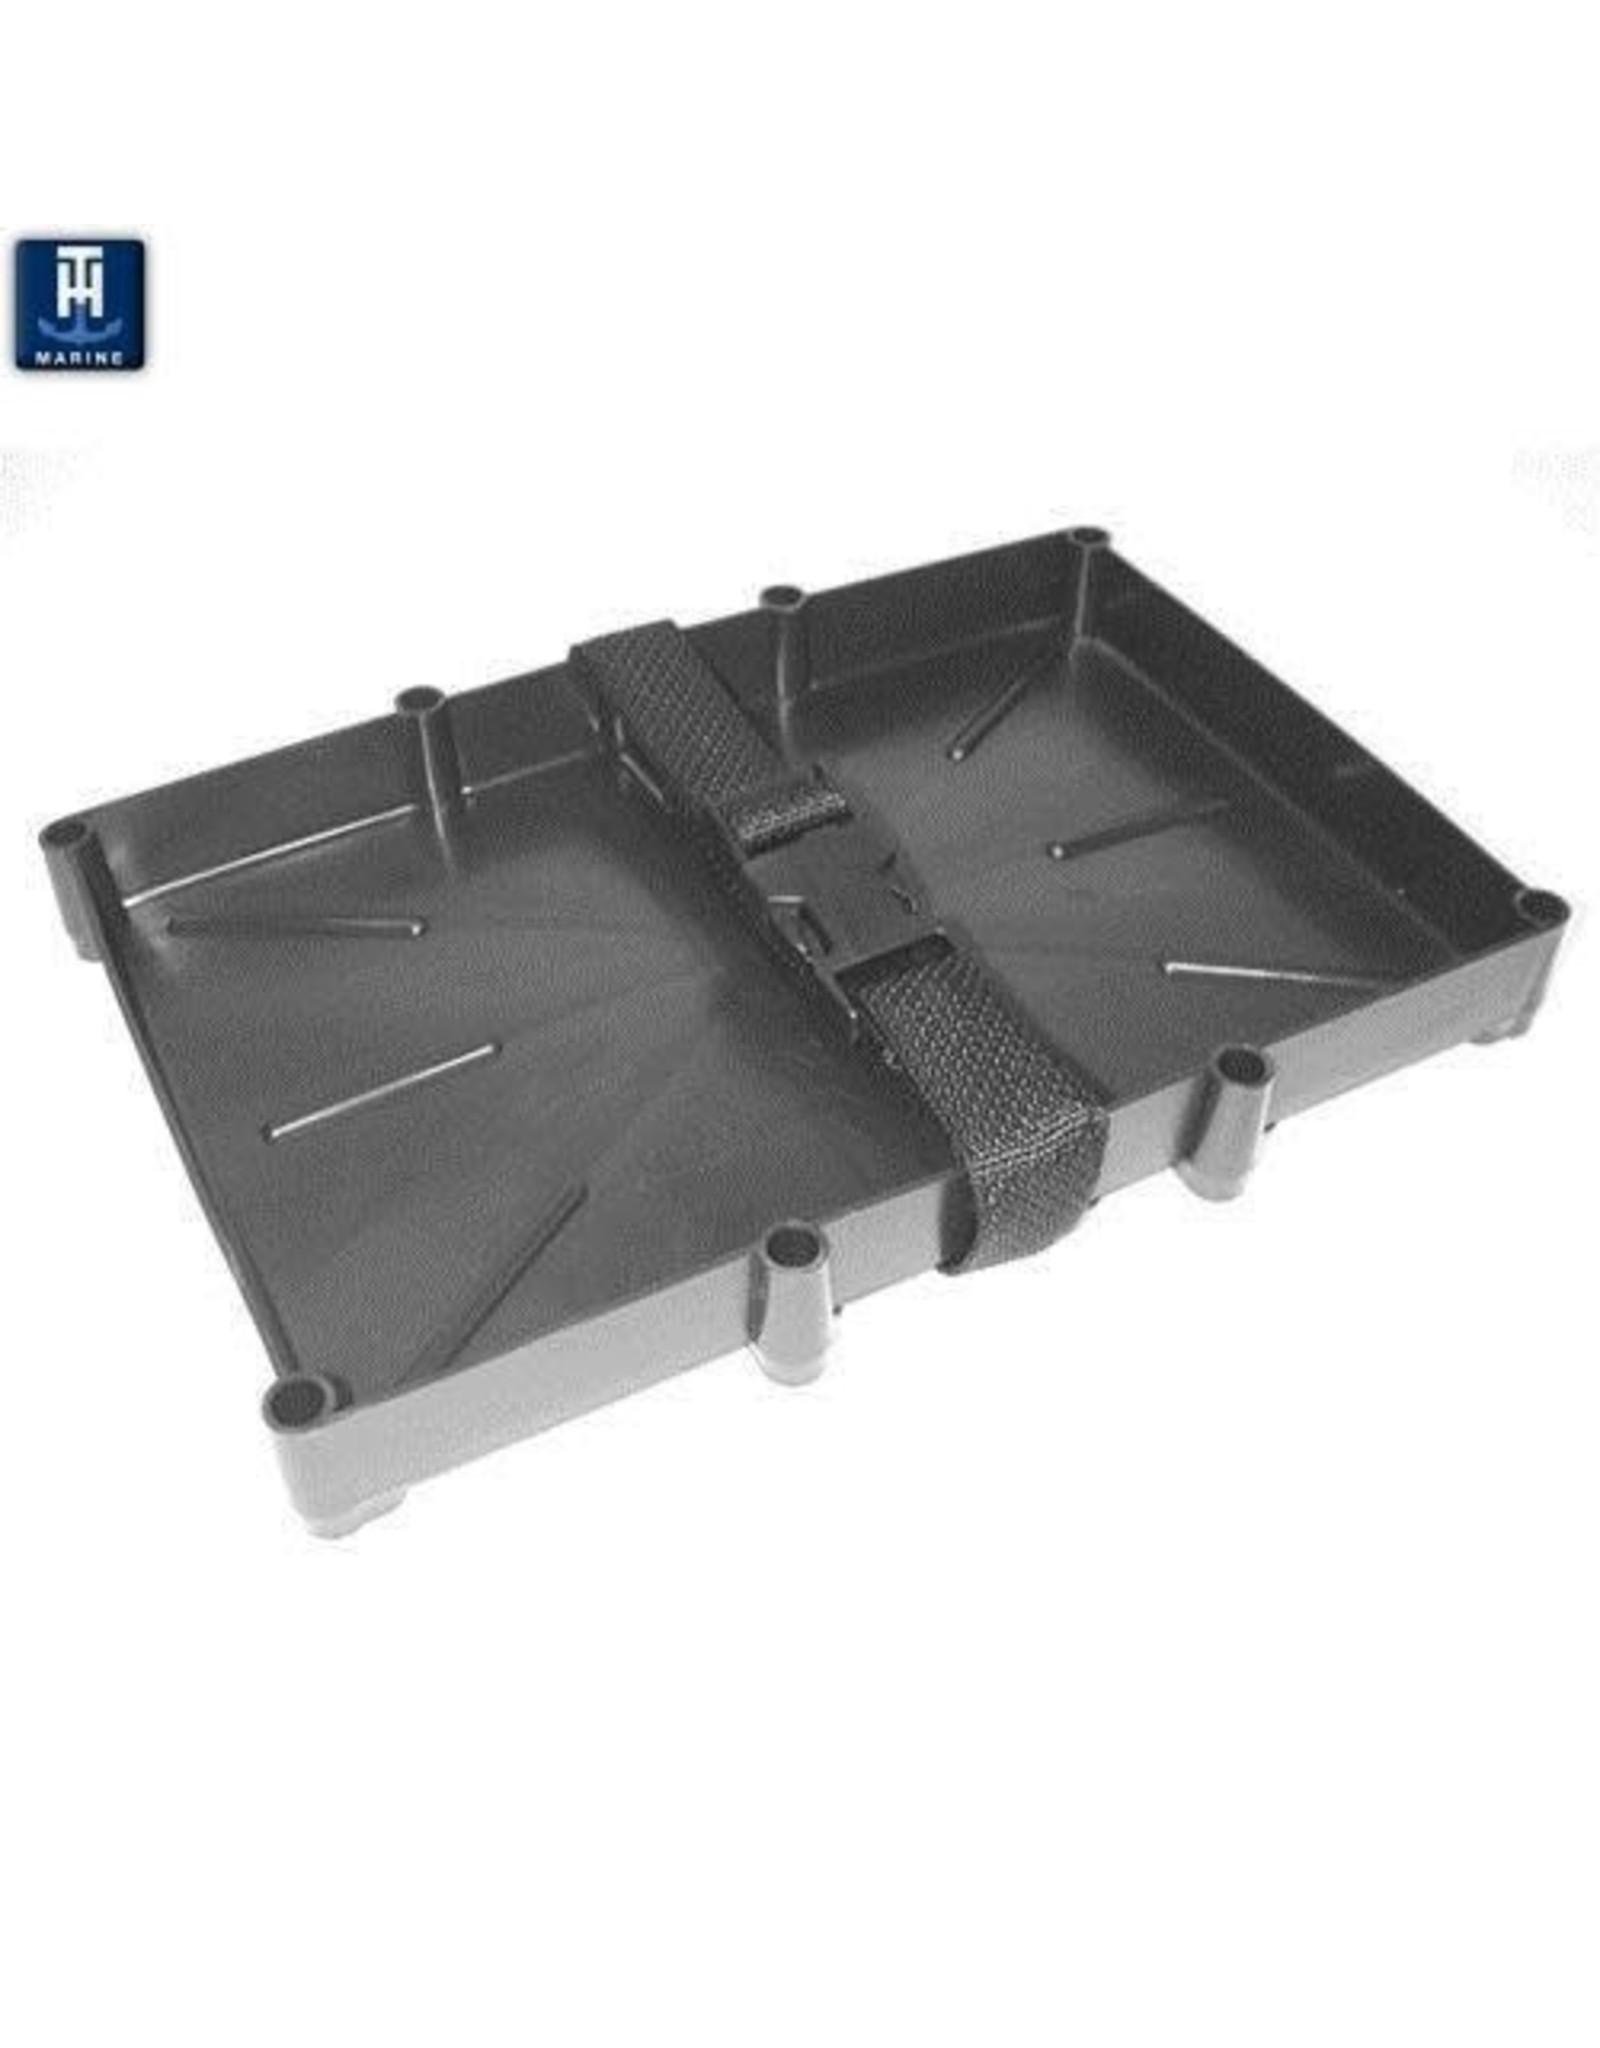 TH Marine Narrow Battery Tray 31 Series Polystrap